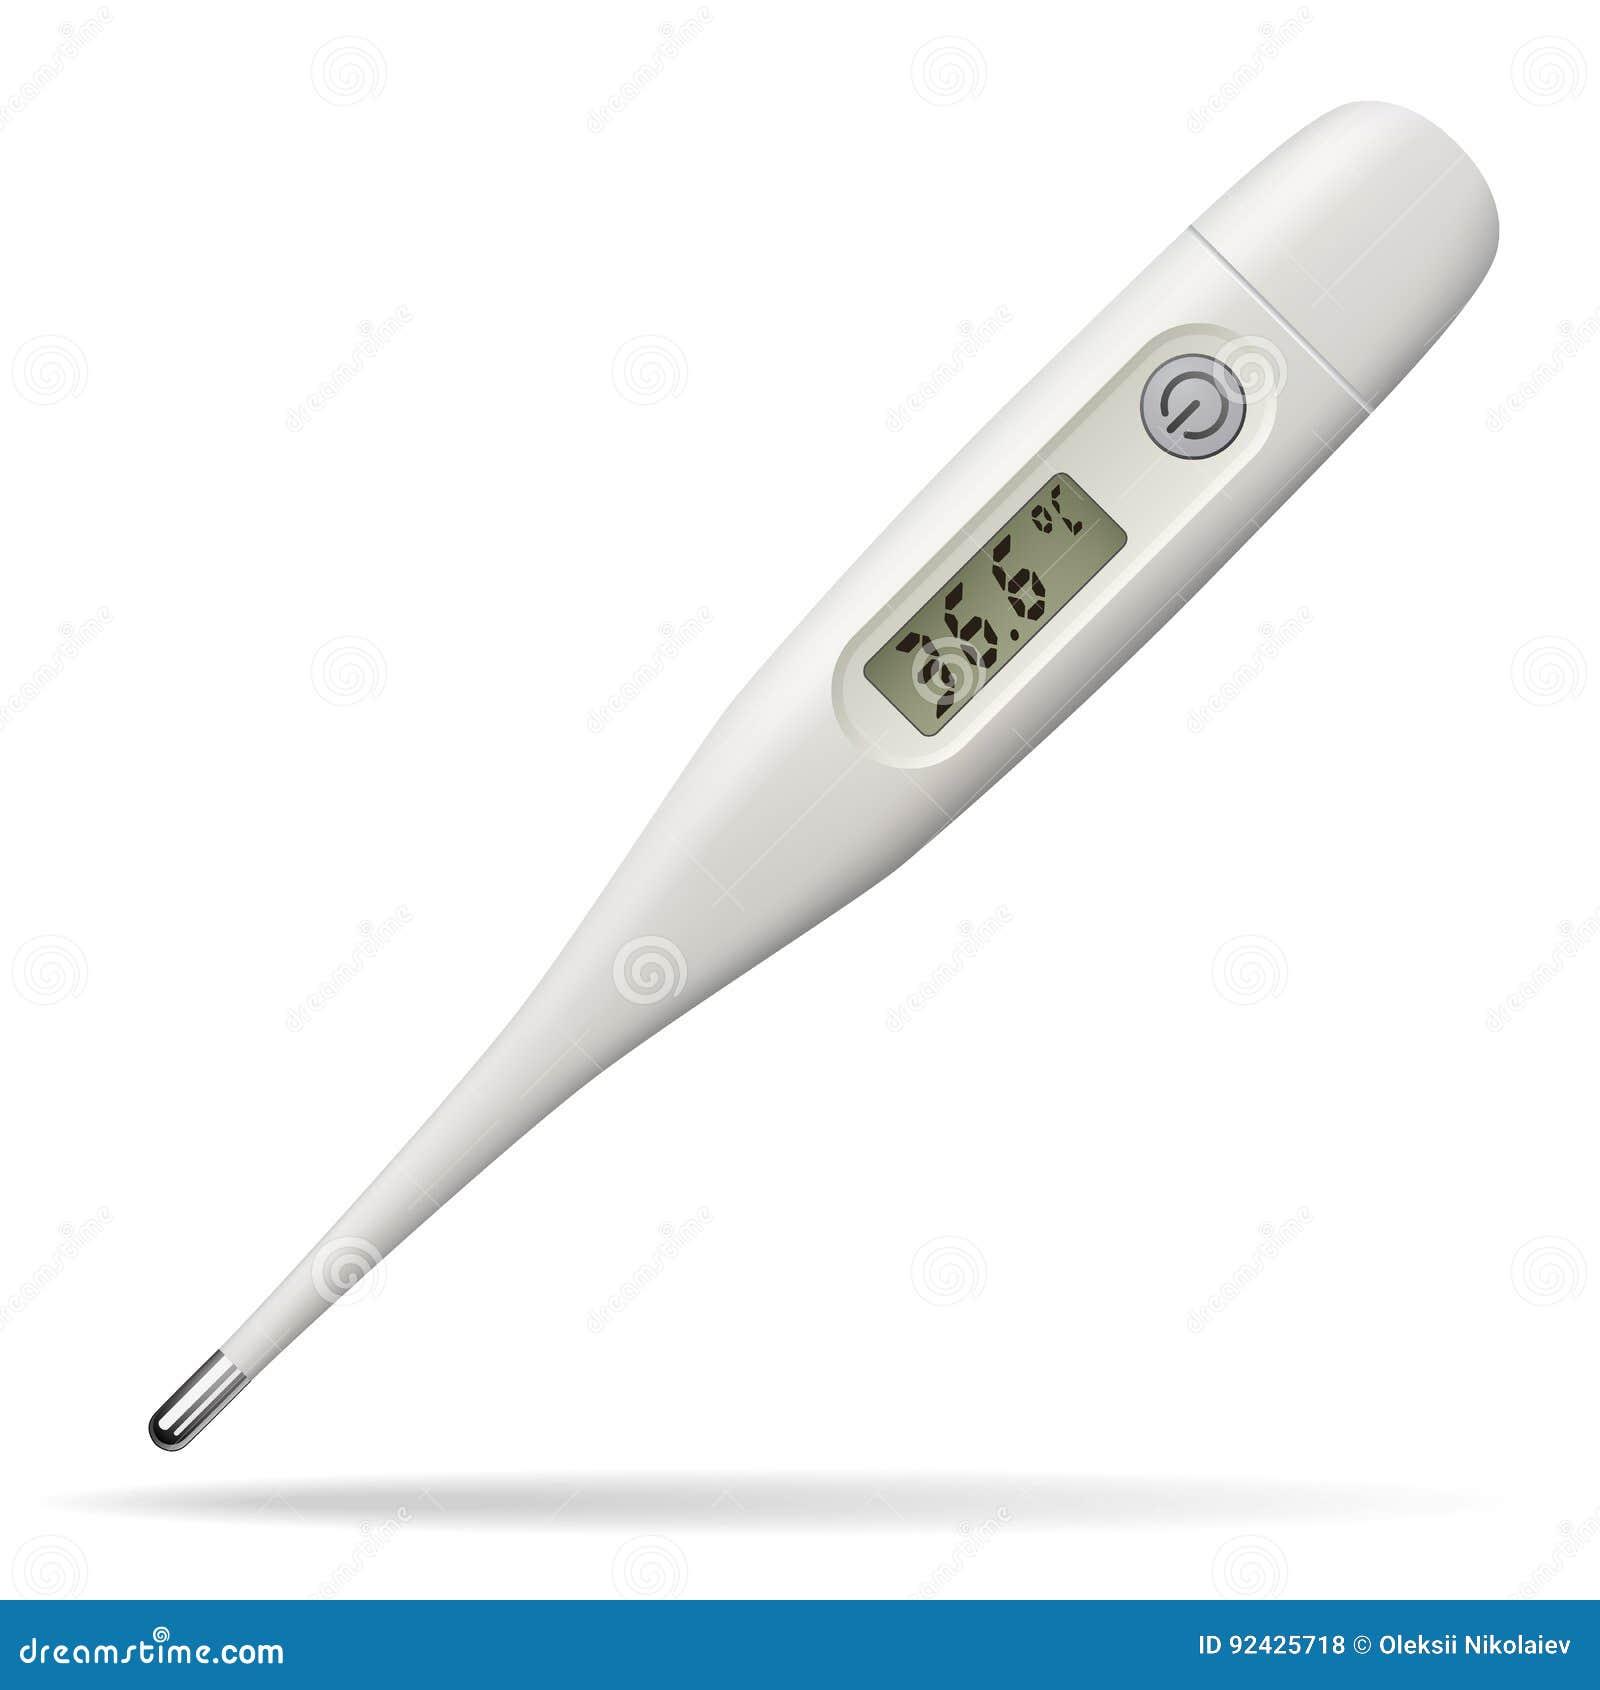 электронный медицинский термометр Прибор цифров для измерять температуру человеческого тела Изолированный предмет бело